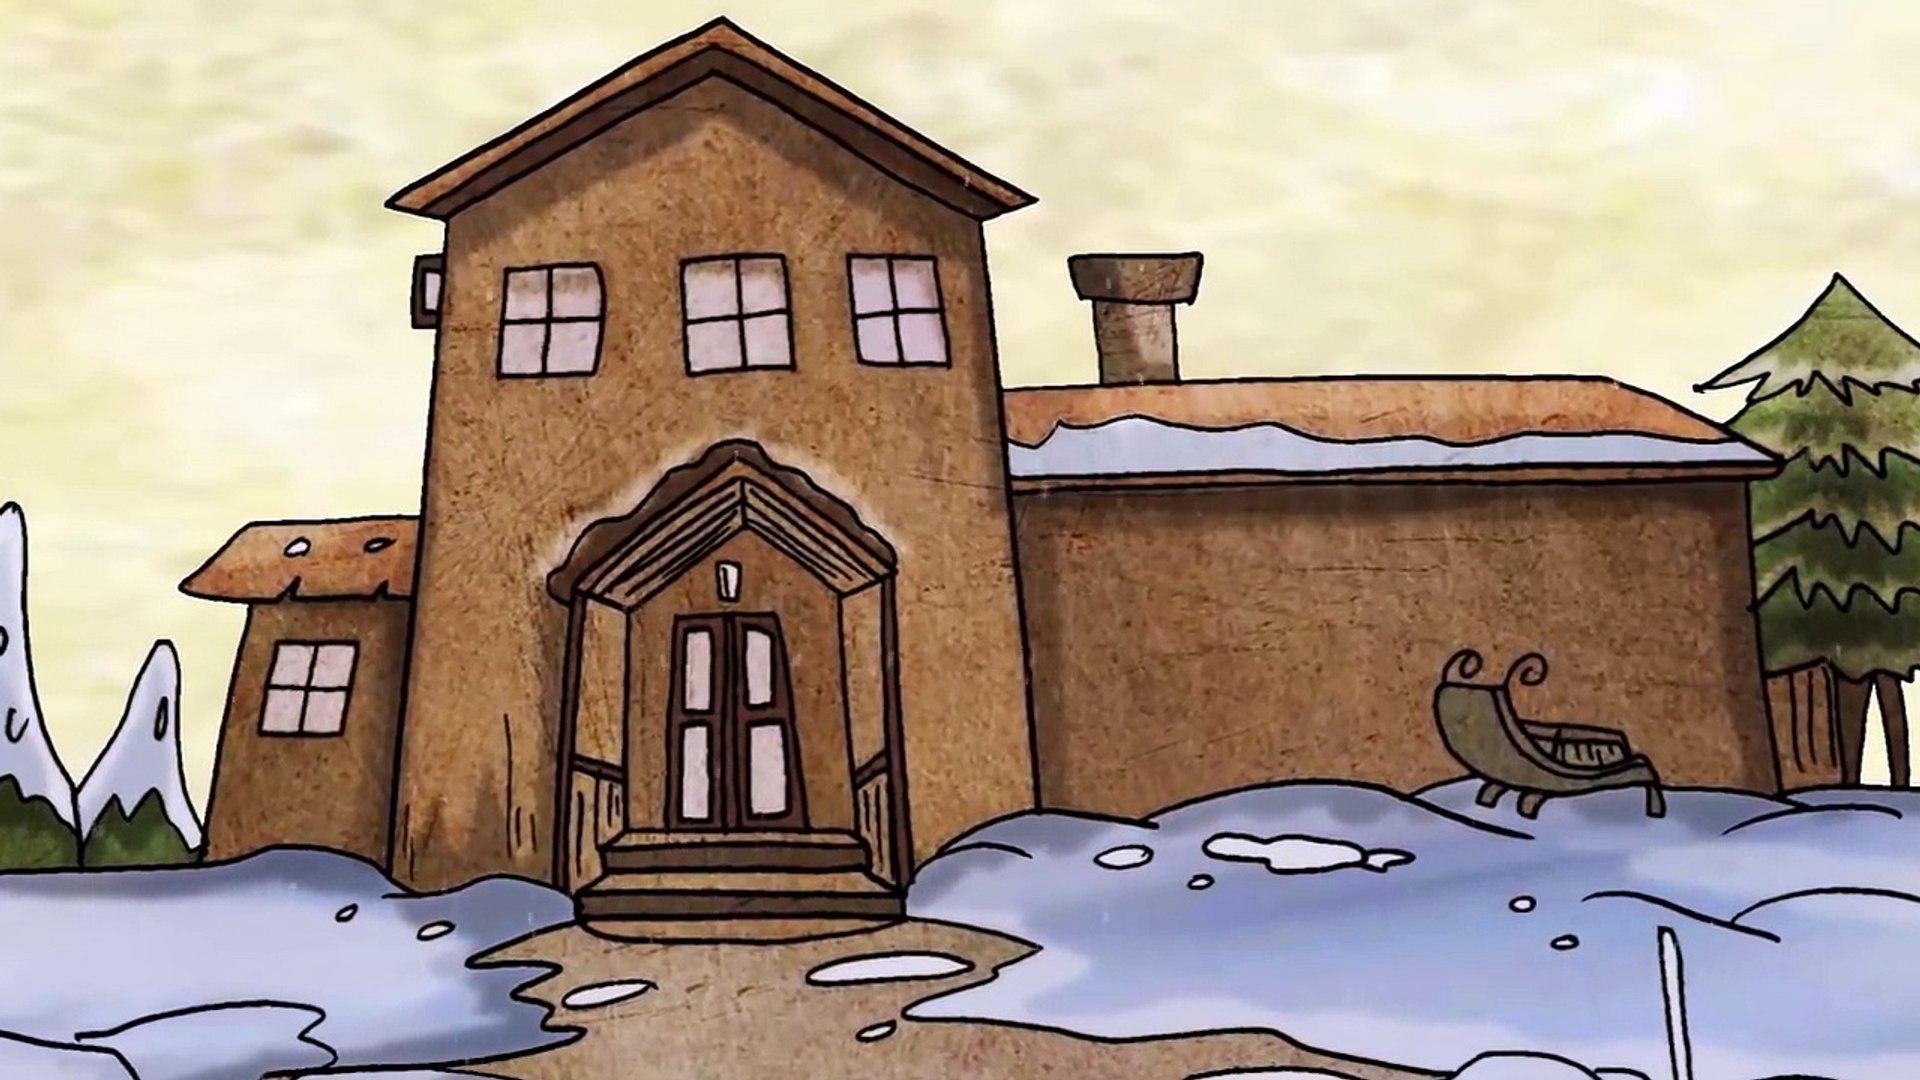 Phim hoạt hình – Hoạt hình Danh ngôn Cuộc sống - PHÚ ÔNG KIÊU CĂNG ► Phim hoạt hình hay nhất 2017